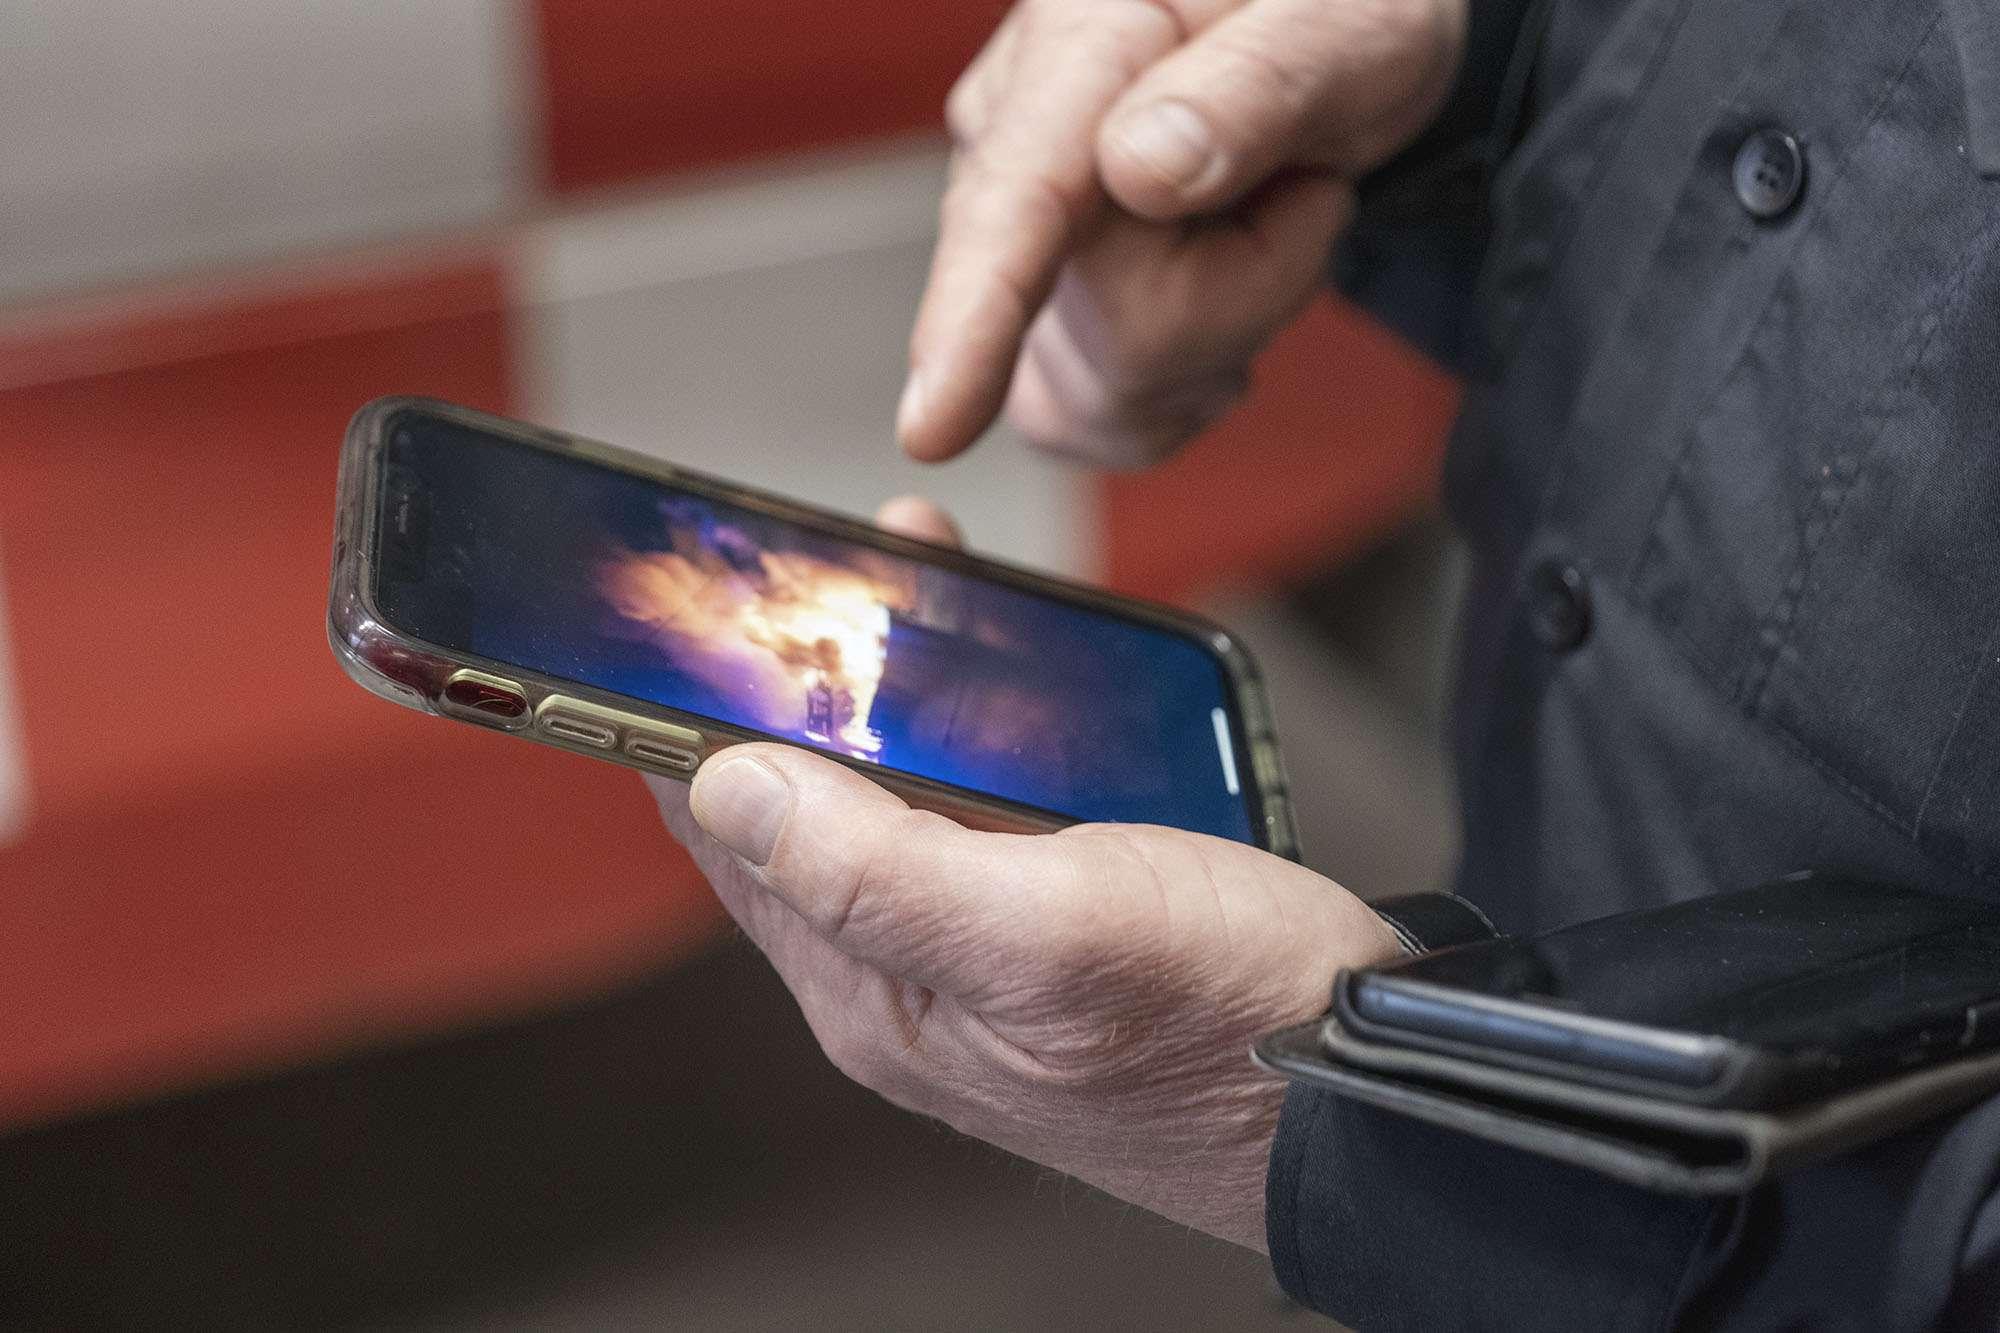 Viser mobilvideo med brann i huset